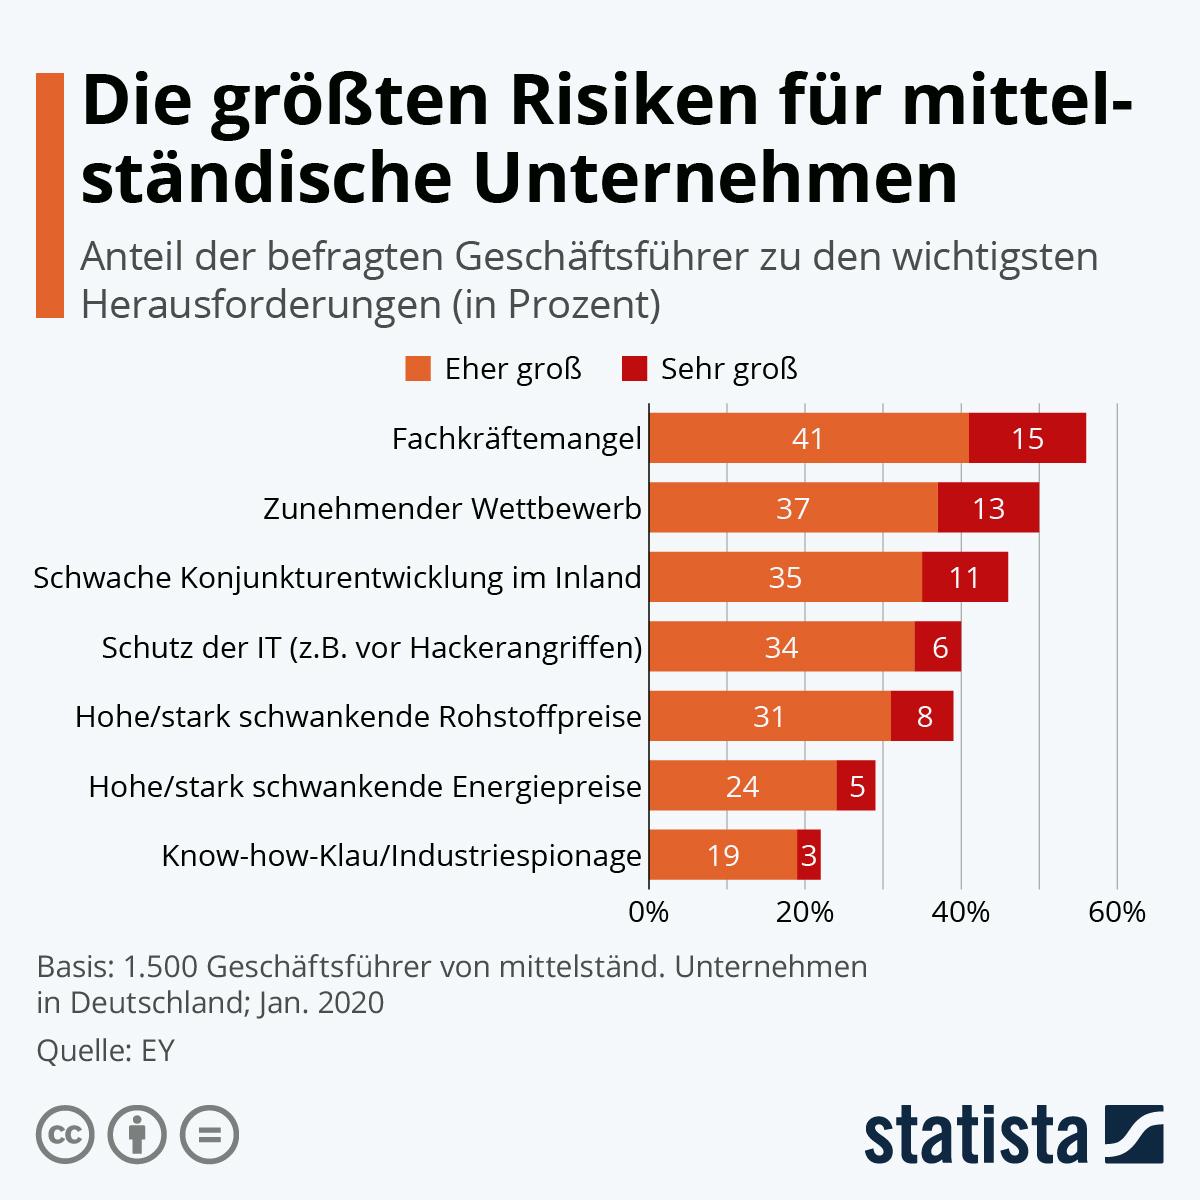 Infografik: Die größten Risiken für mittelständische Unternehmen | Statista